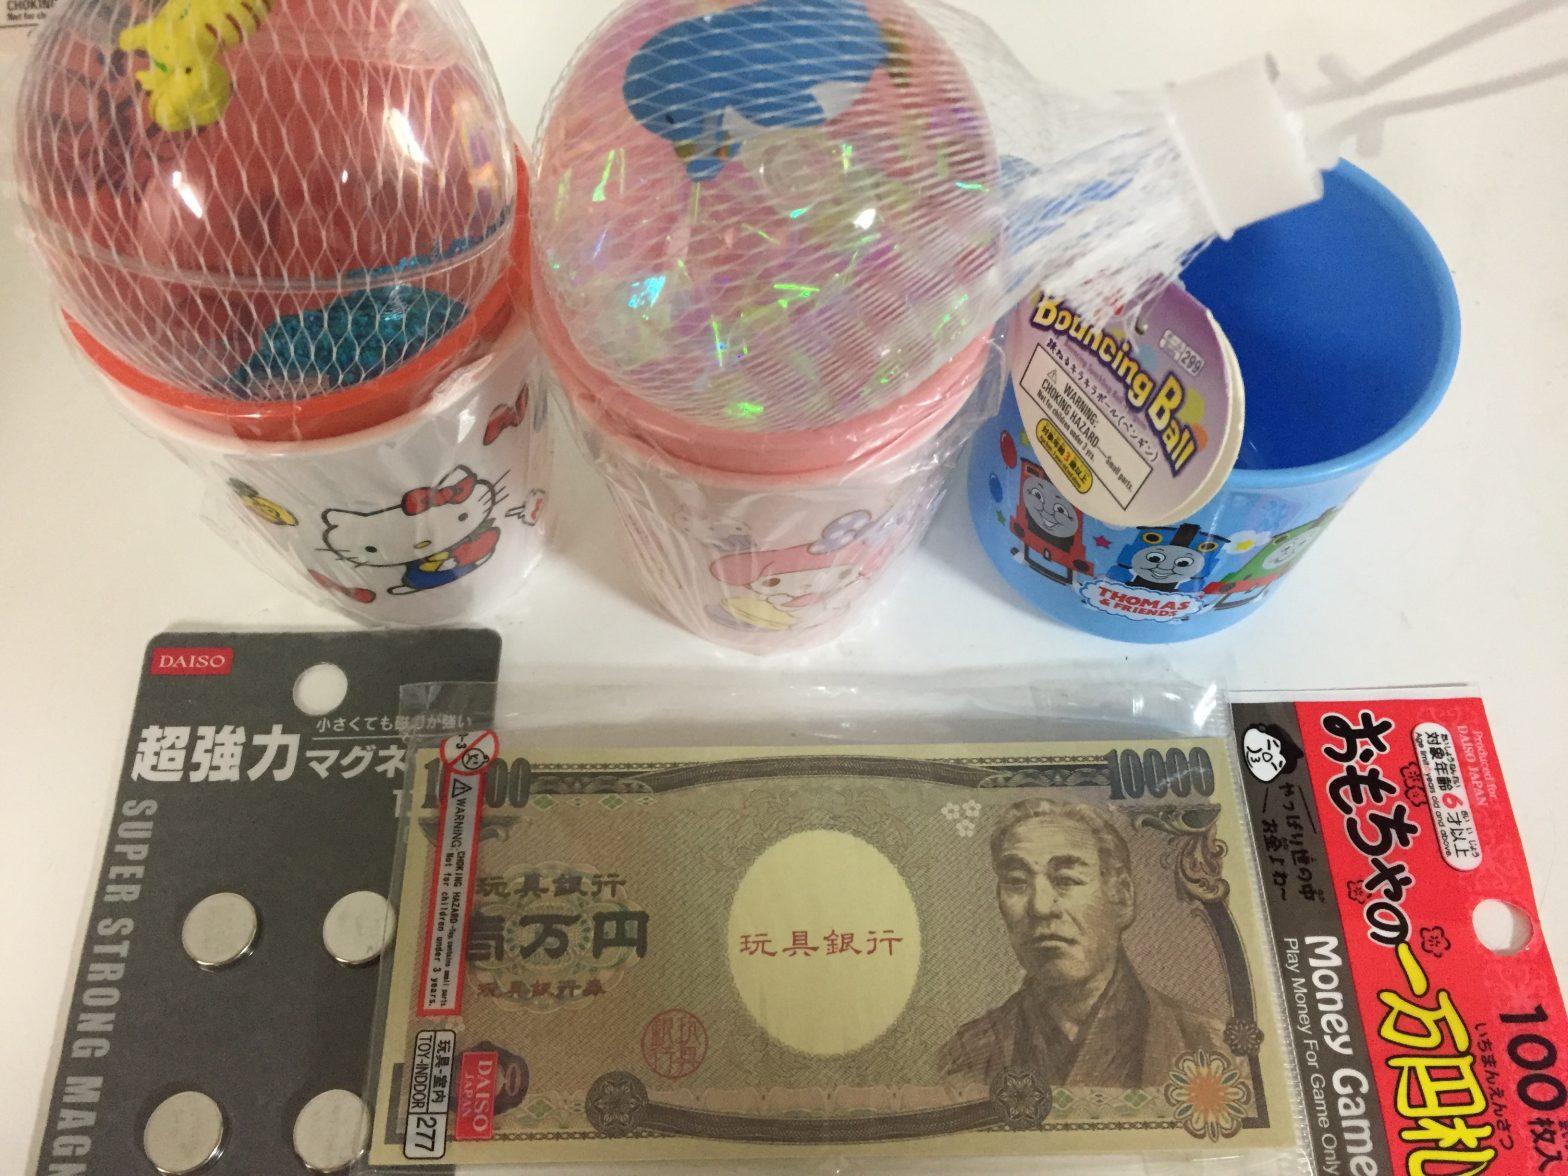 ダイソーでお札や磁石やボールやカップなど購入